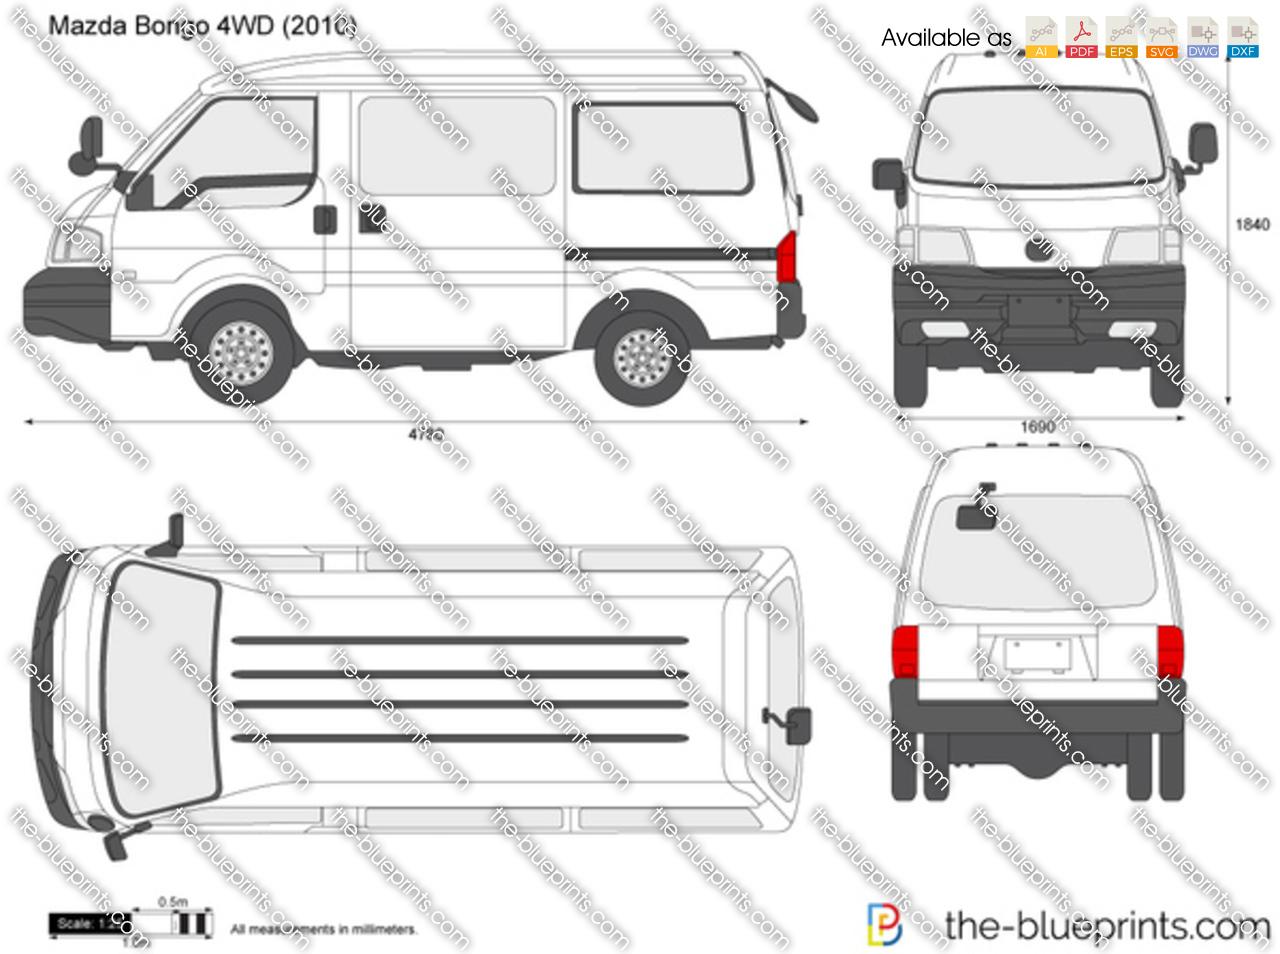 Mazda Bongo 4WD 2001